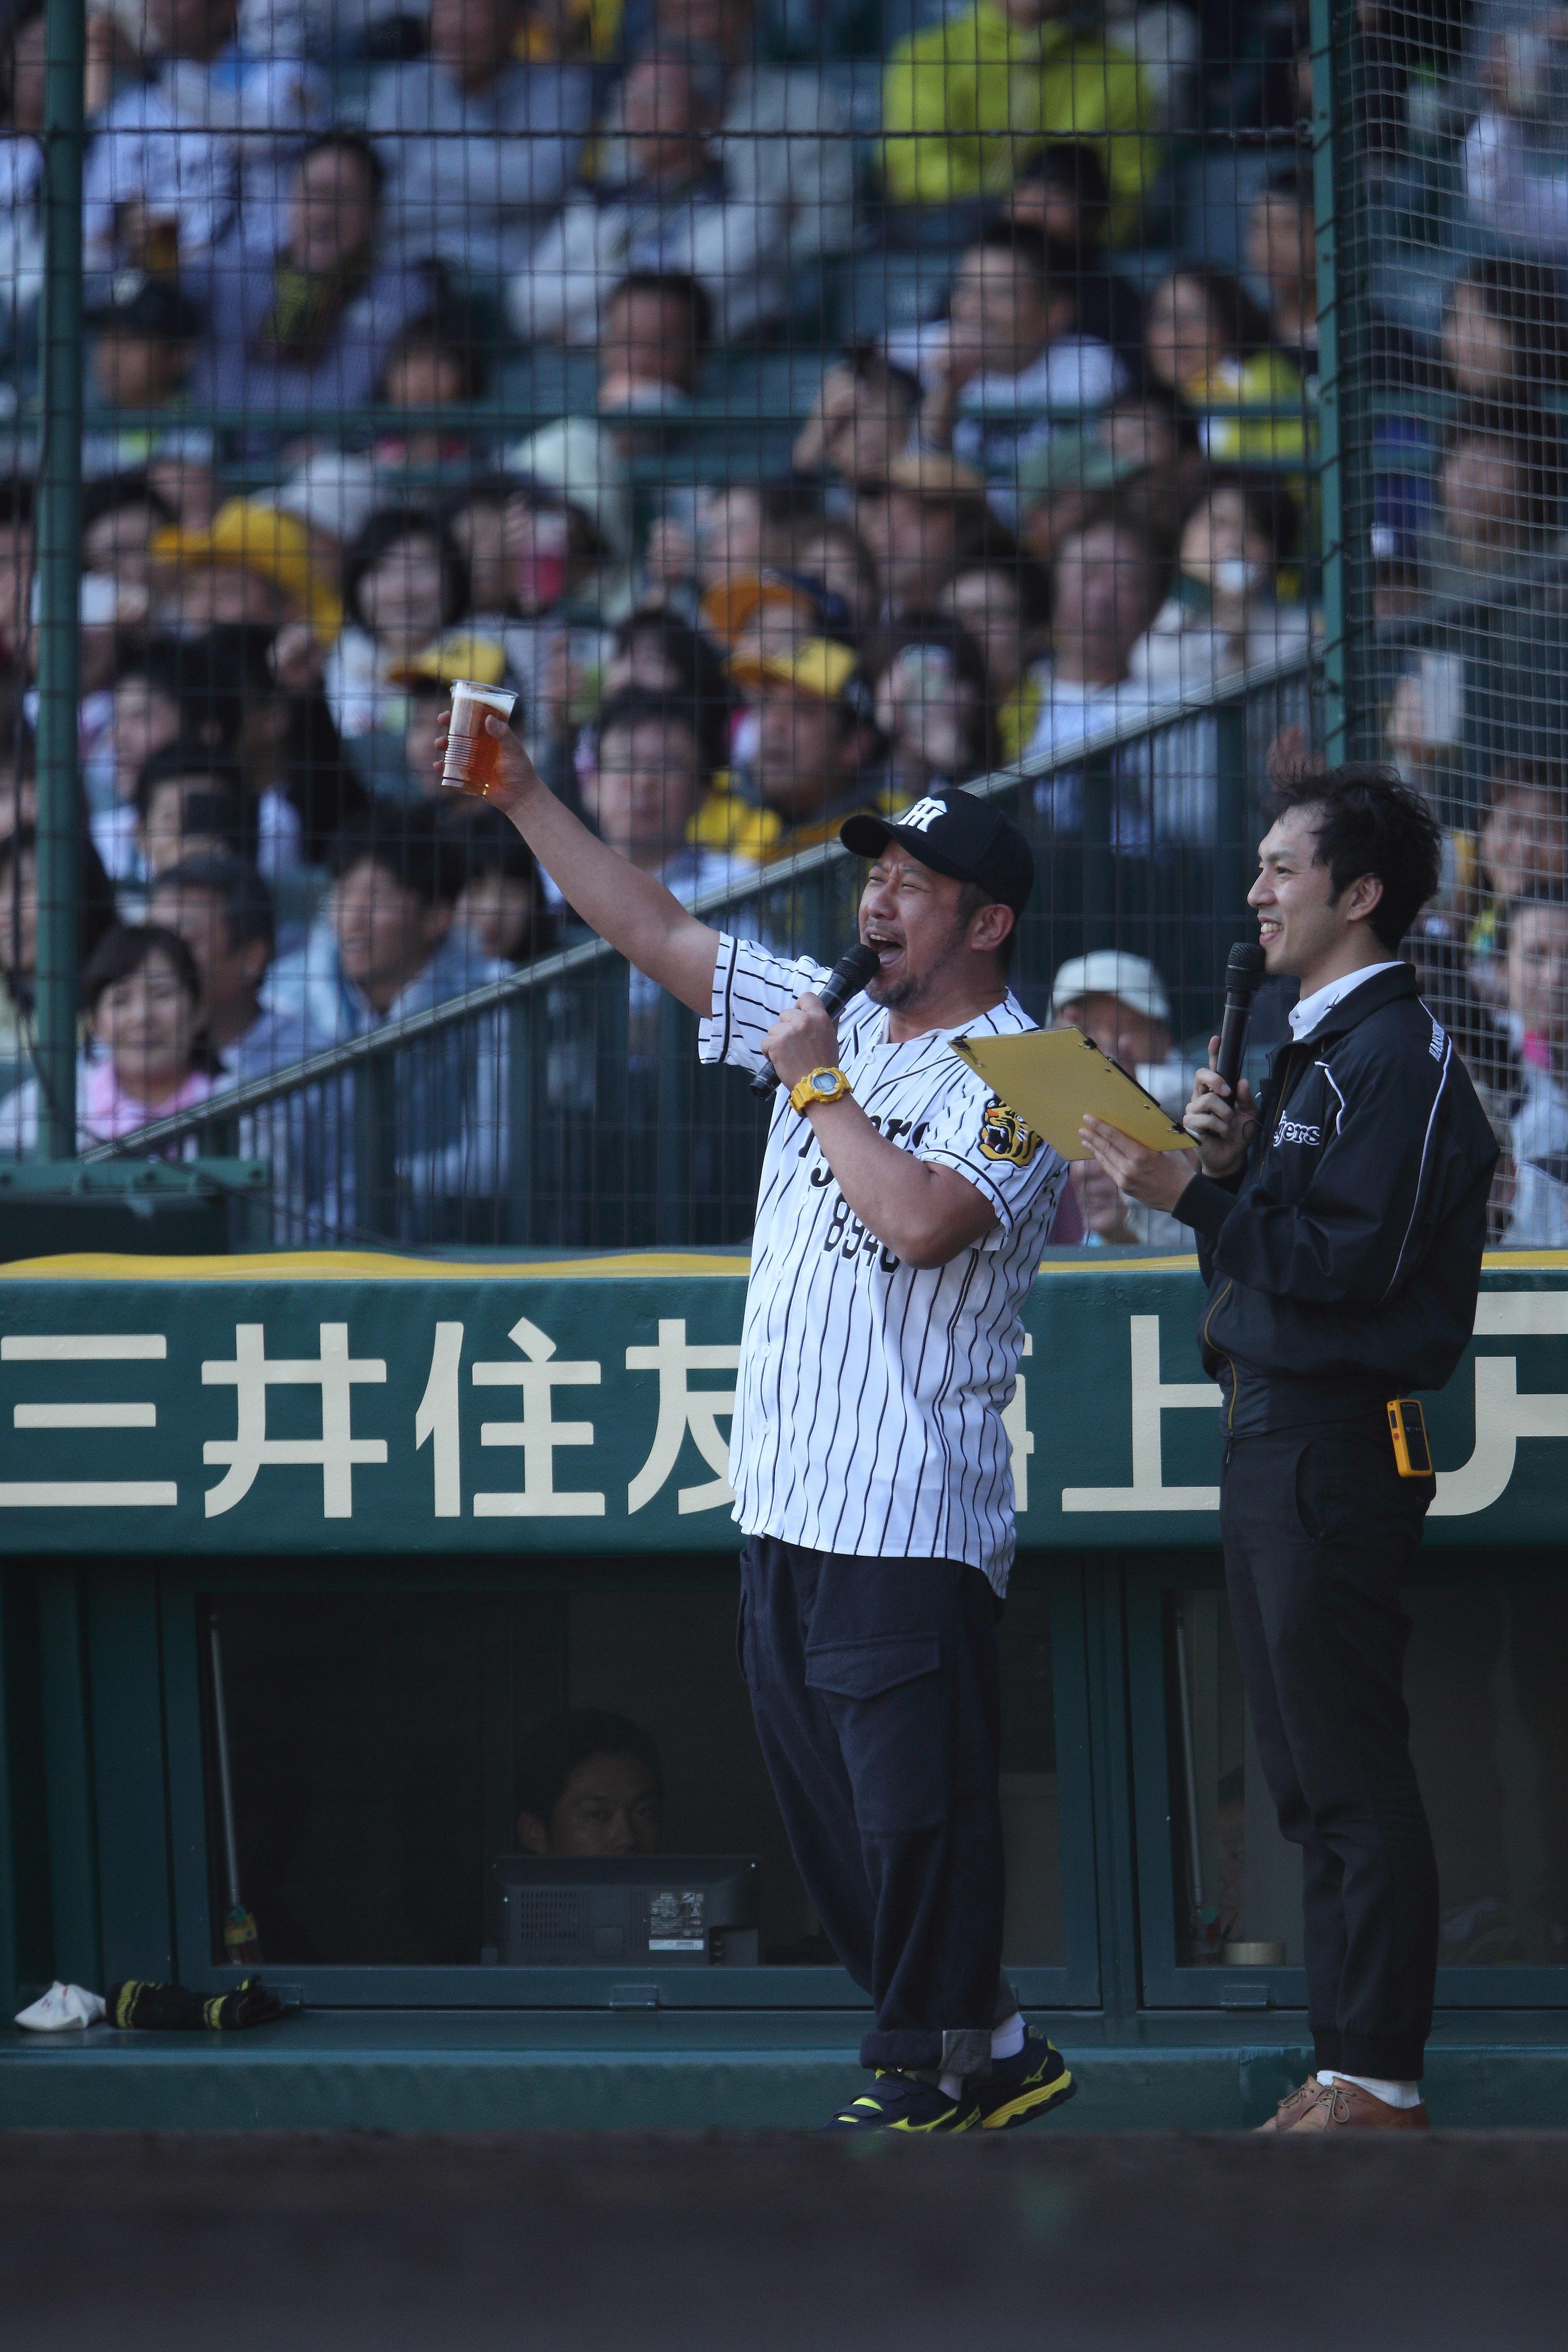 http://news.yoshimoto.co.jp/20170430092810-f54f8ee540e837390cb30e1a6d5a5ccced4d5721.jpg